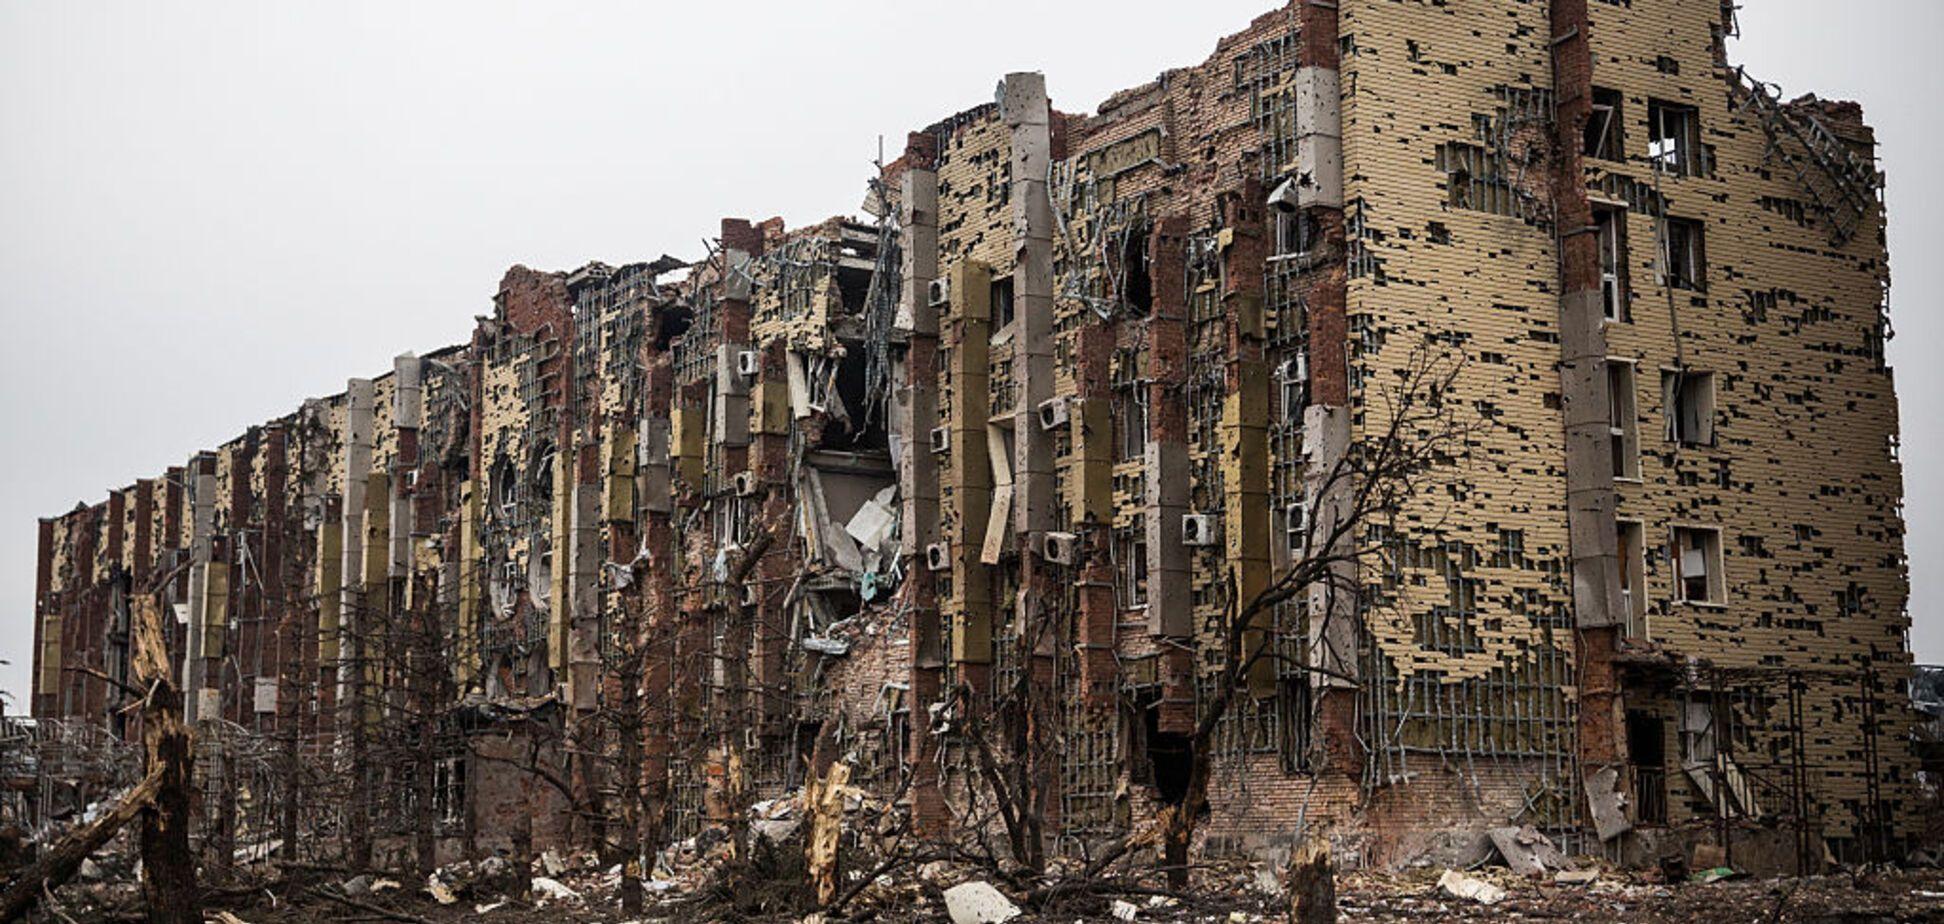 'Агрессивное наступление': стало известно о подготовке 'Л/ДНР' провокаций на Донбассе